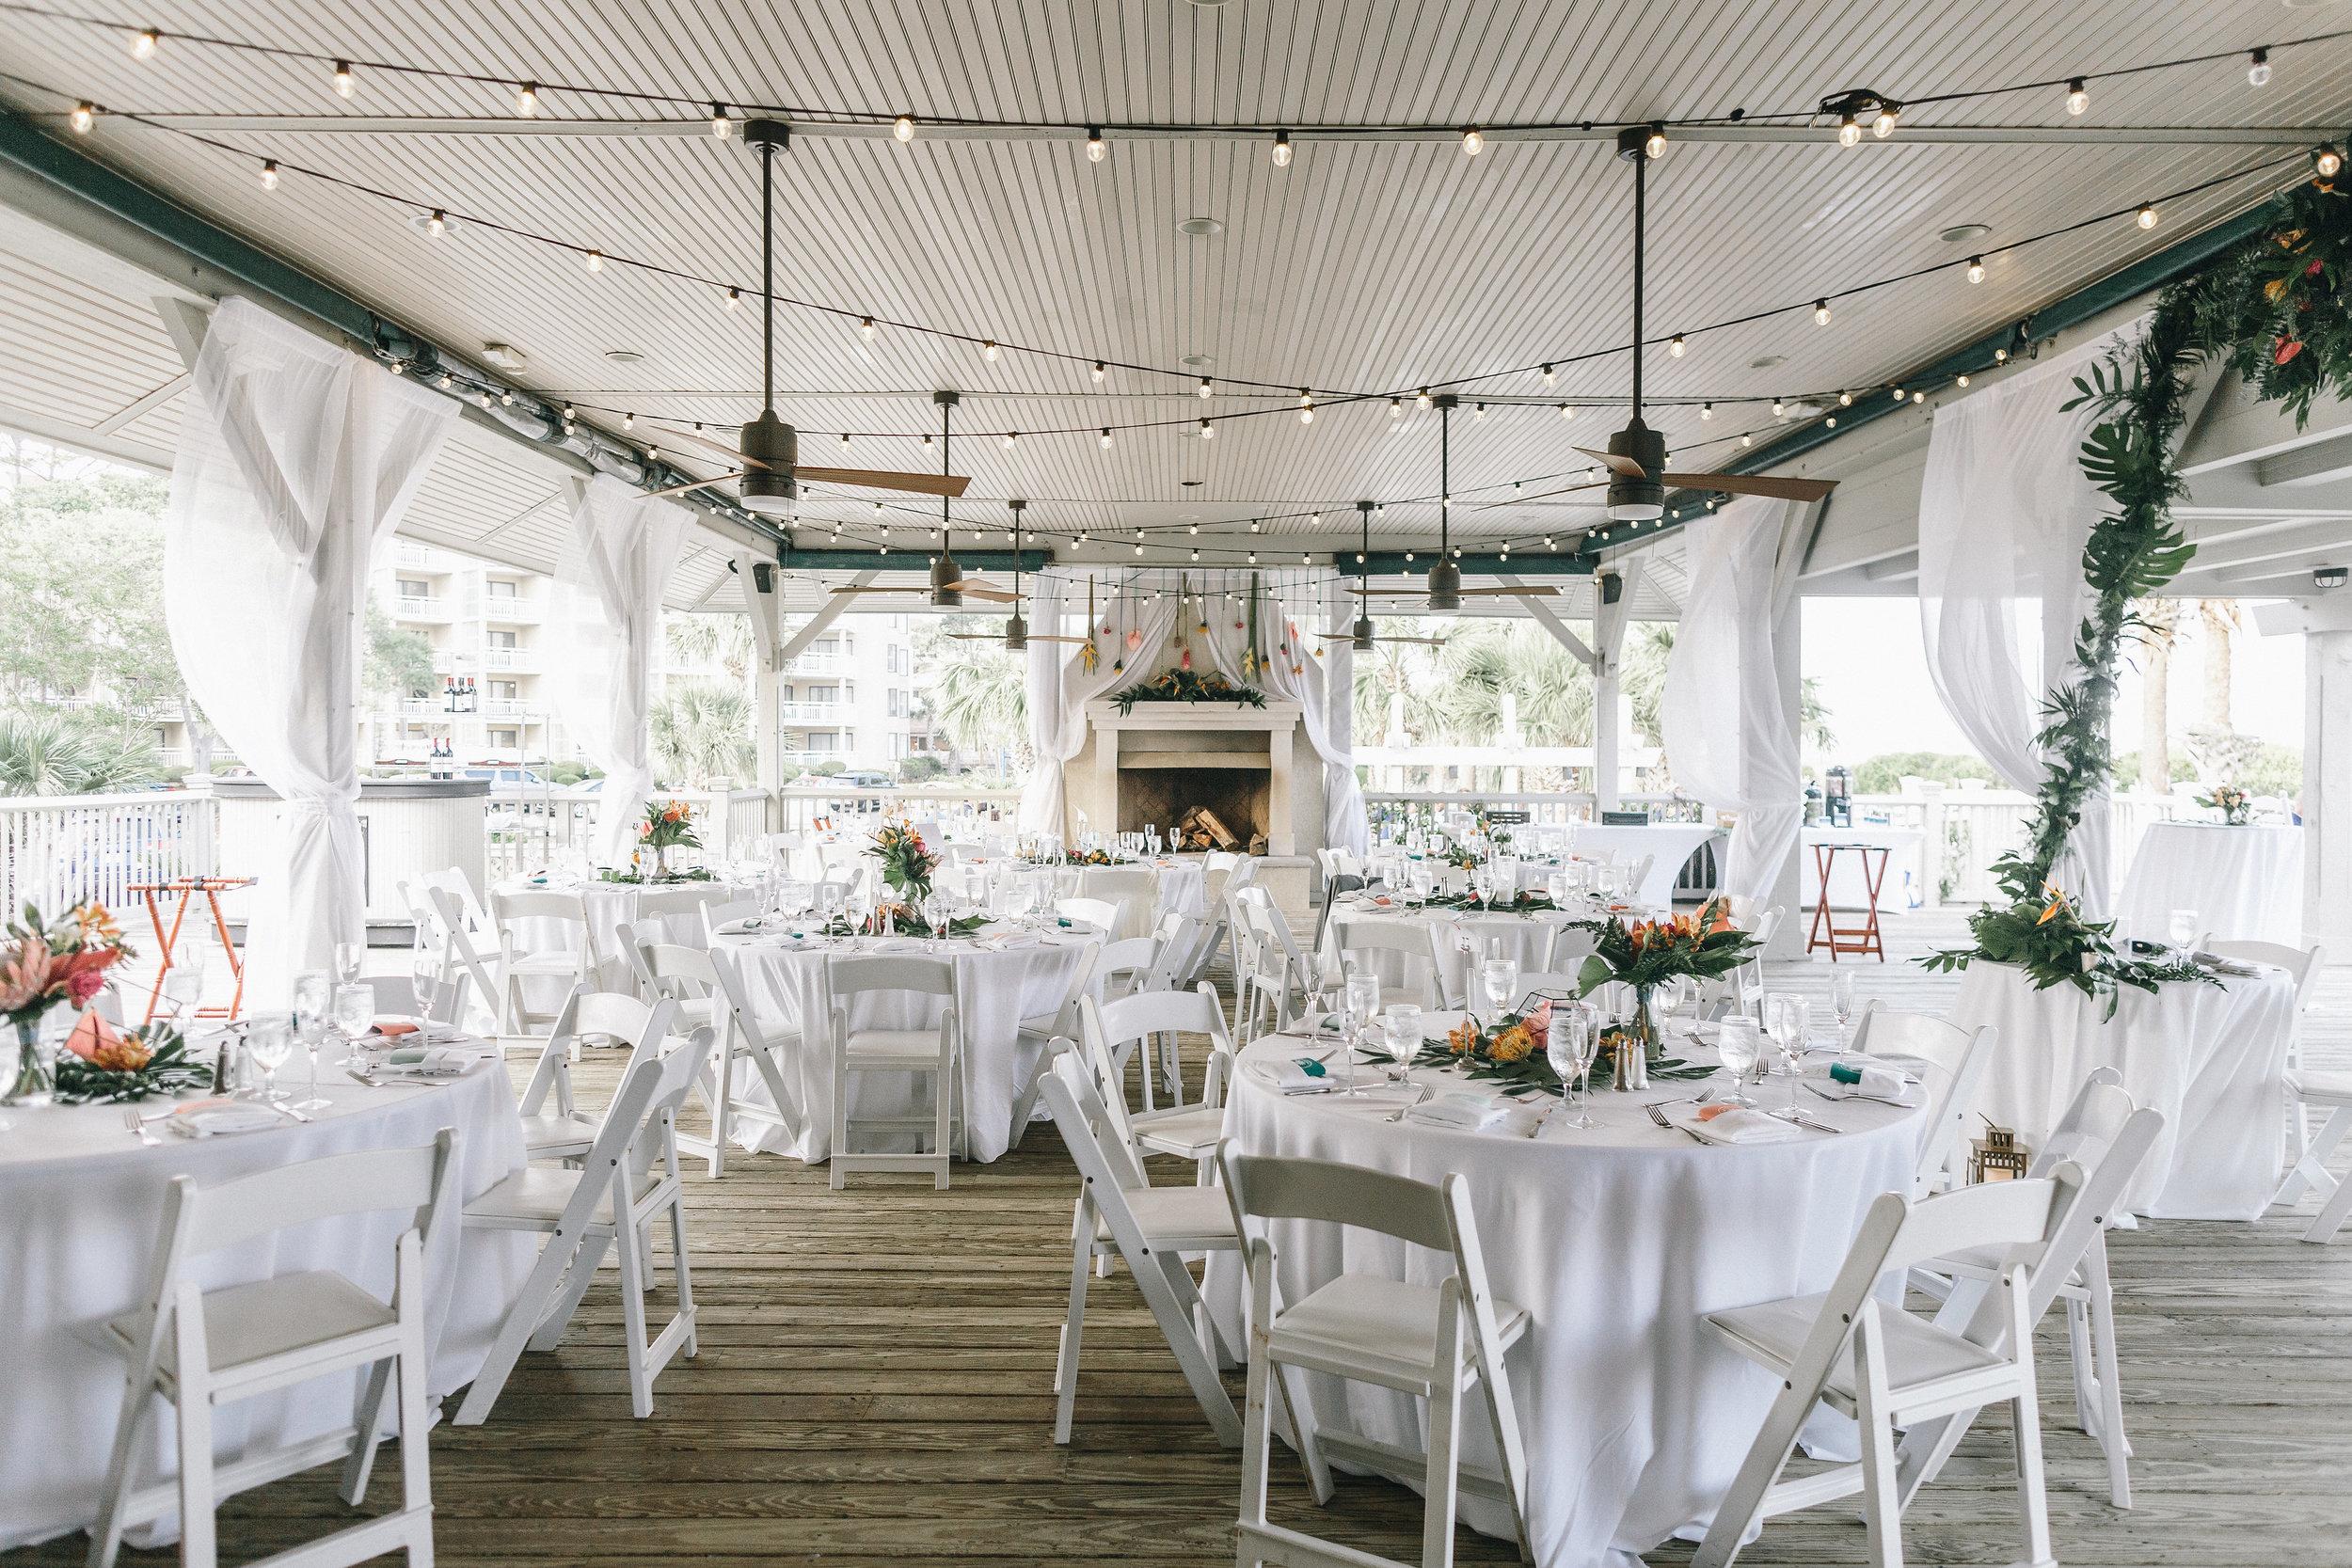 omni-hilton-head-wedding-50.jpg